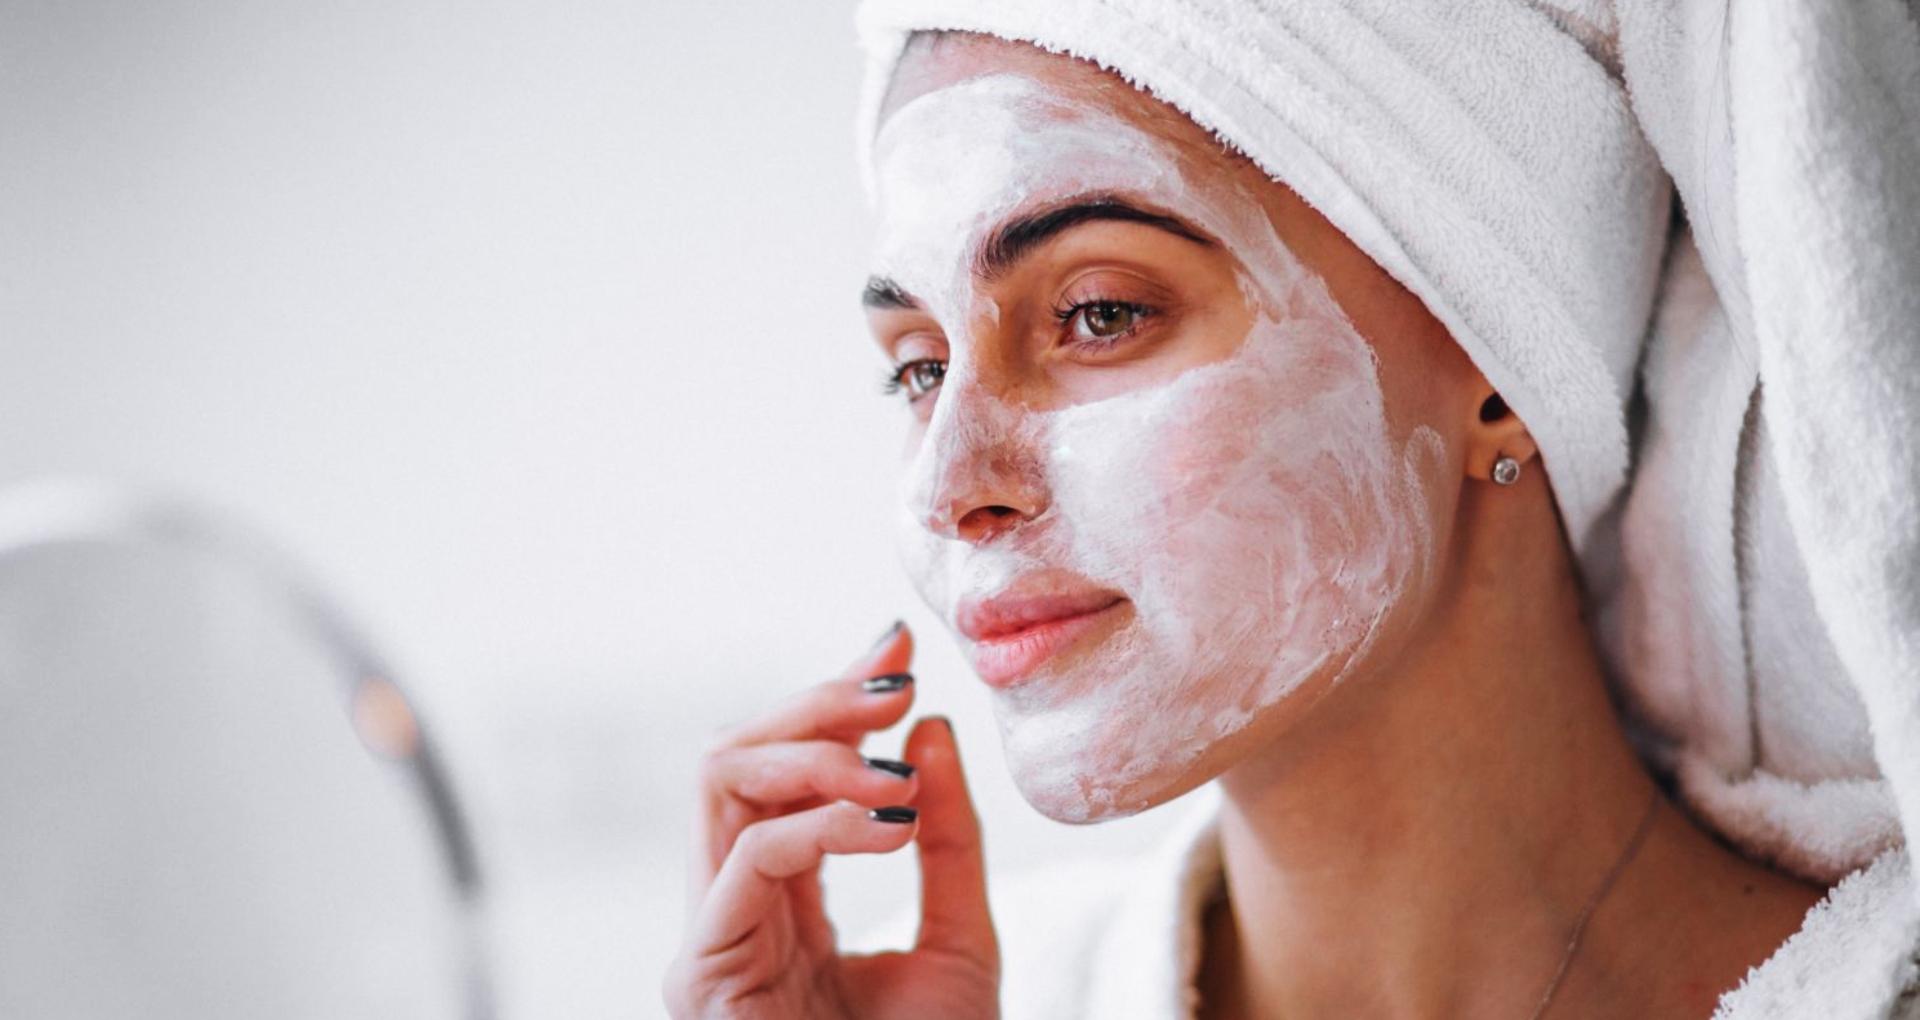 Beauty Tips: फेसपैक लगाते वक्त इन बातों का हमेशा रखें ख्याल, आपकी ये गलतियां स्किन को पहुंचा सकती हैं नुकसान